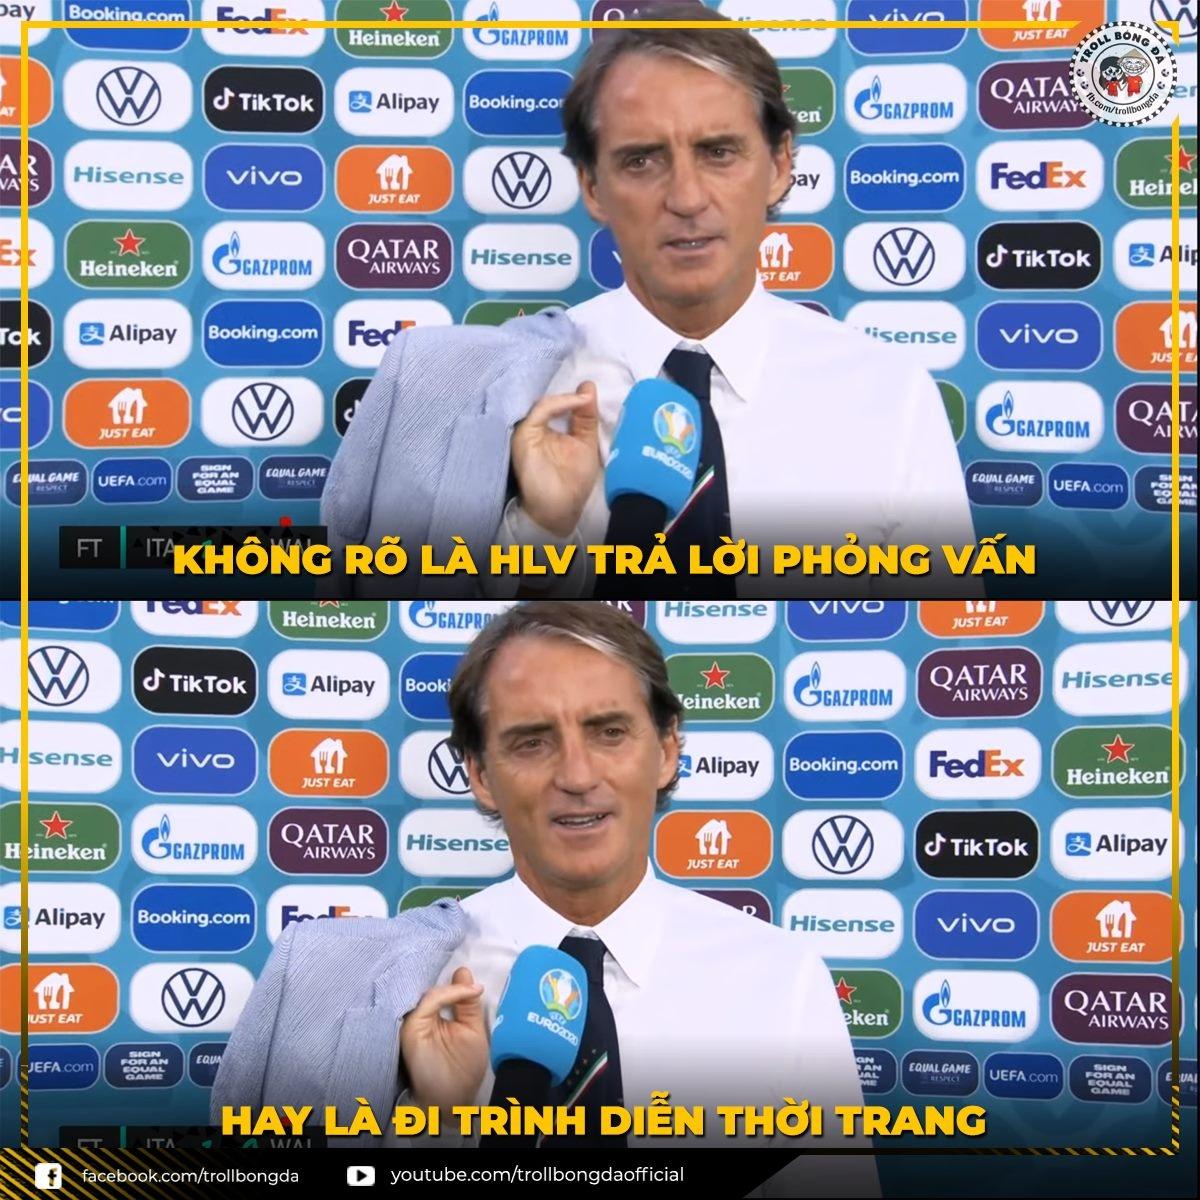 HLV Mancini (ĐT Italia) lịch lãm khi trả lời phỏng vấn. (Ảnh: Troll bóng đá).